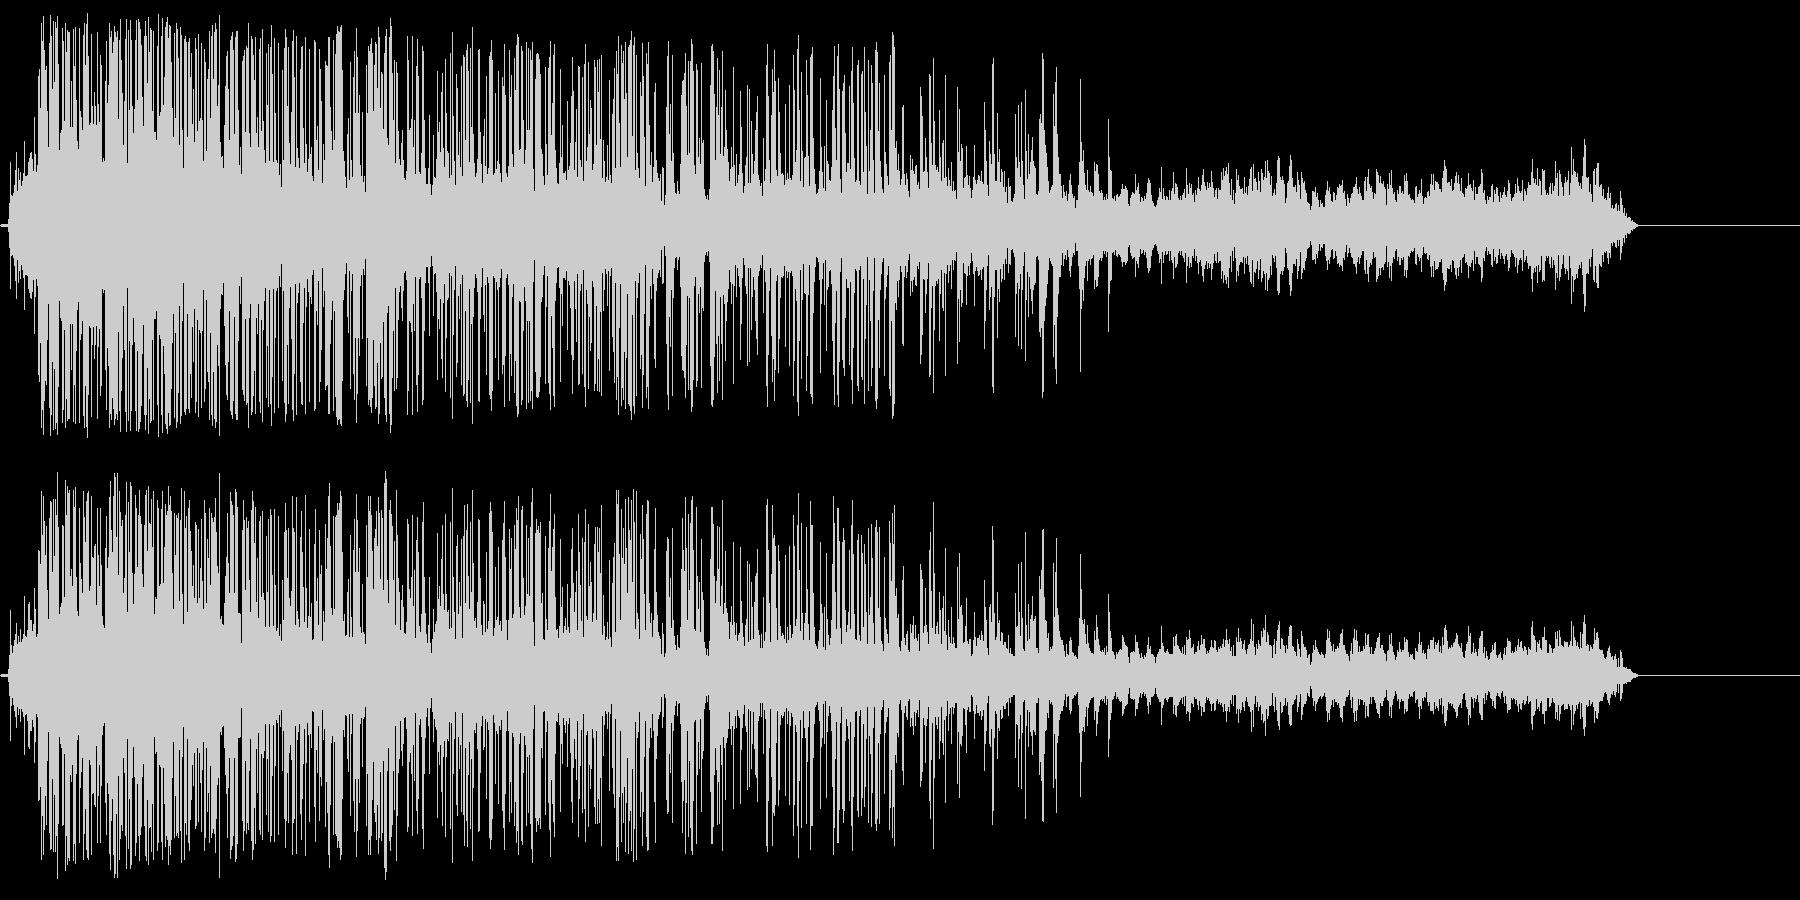 シュレッダー動作音の未再生の波形